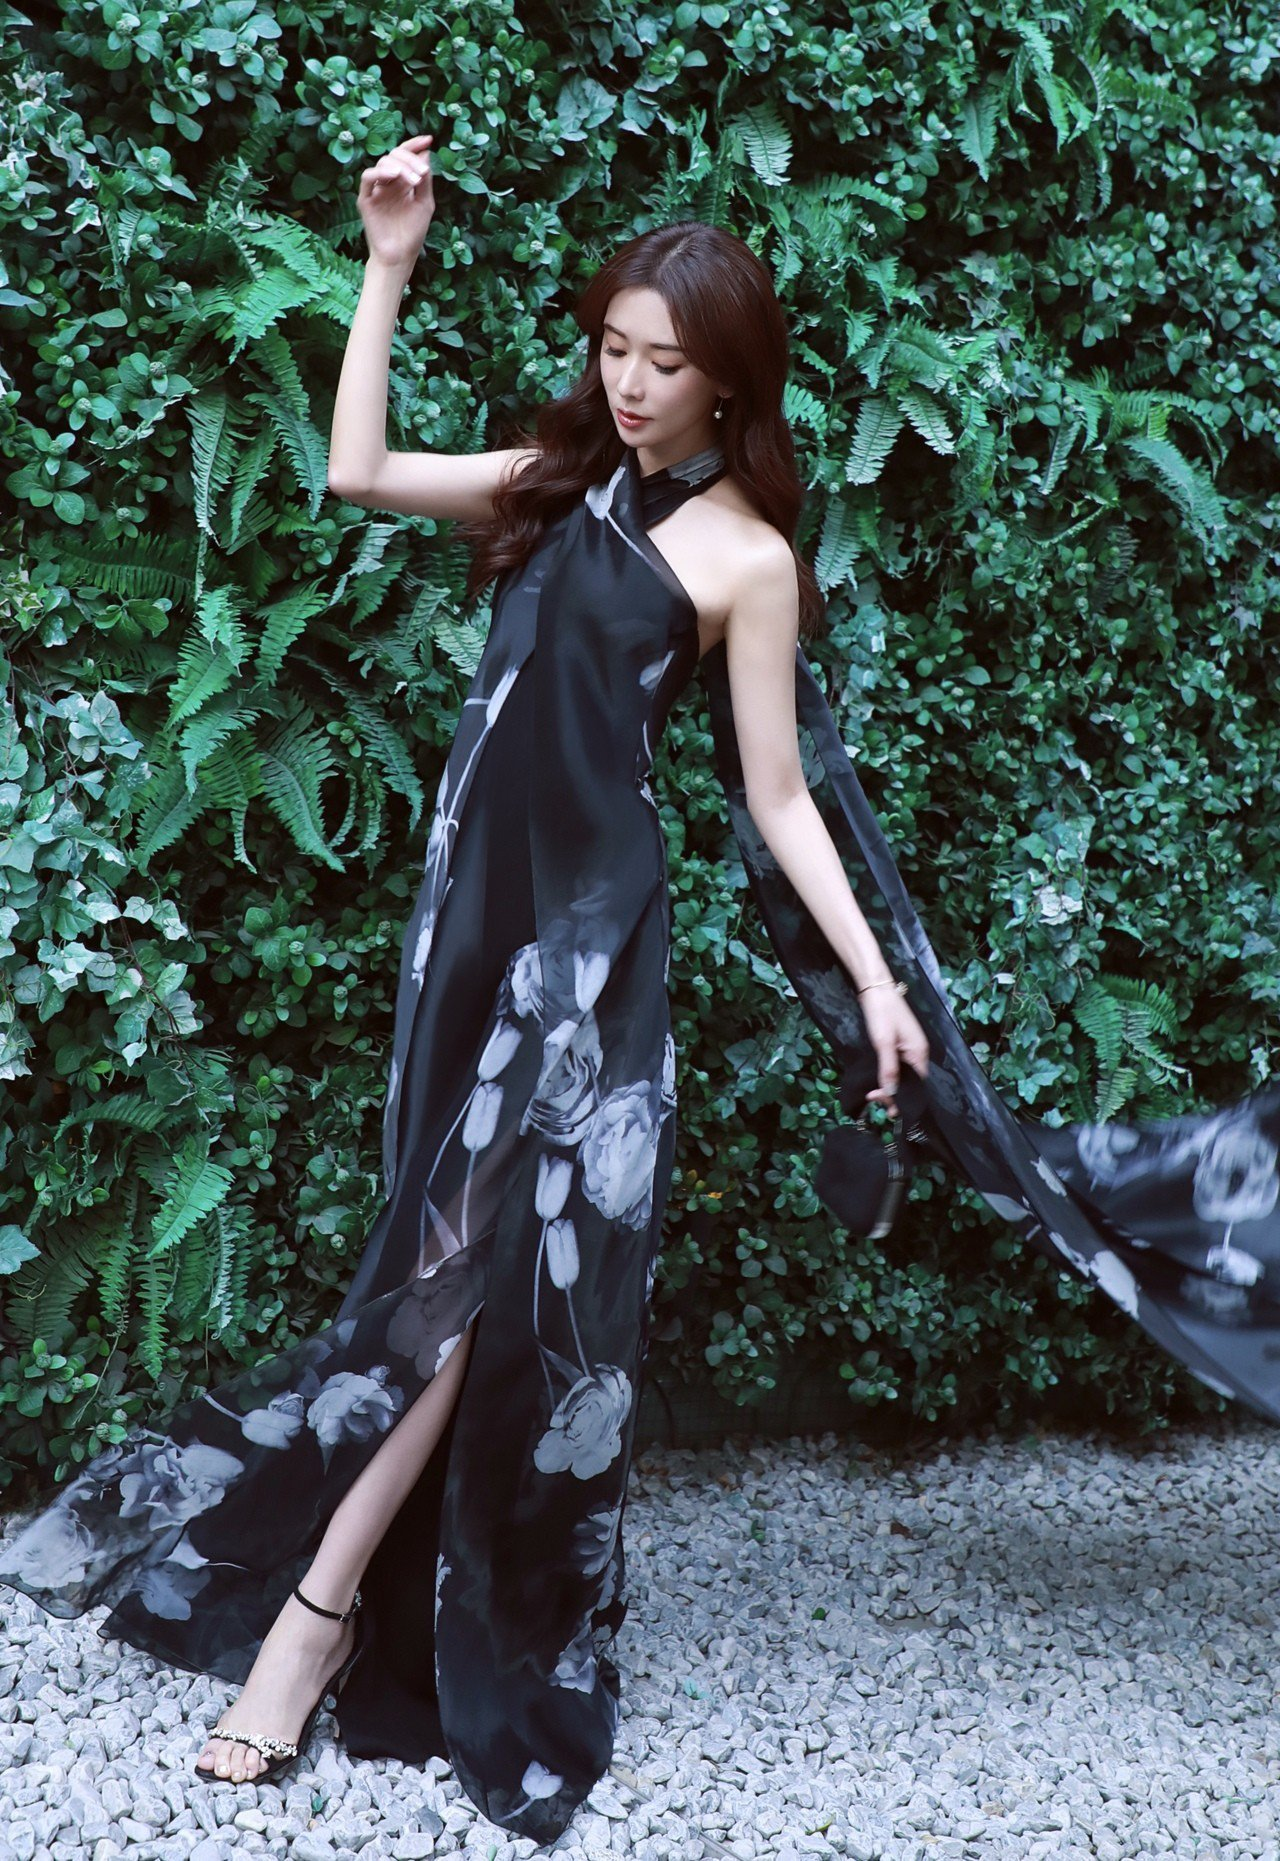 林志玲的LYNETTE鞋款也在腳踝處以寶石裝飾出更靈活有型的look,隨著腳步晃...